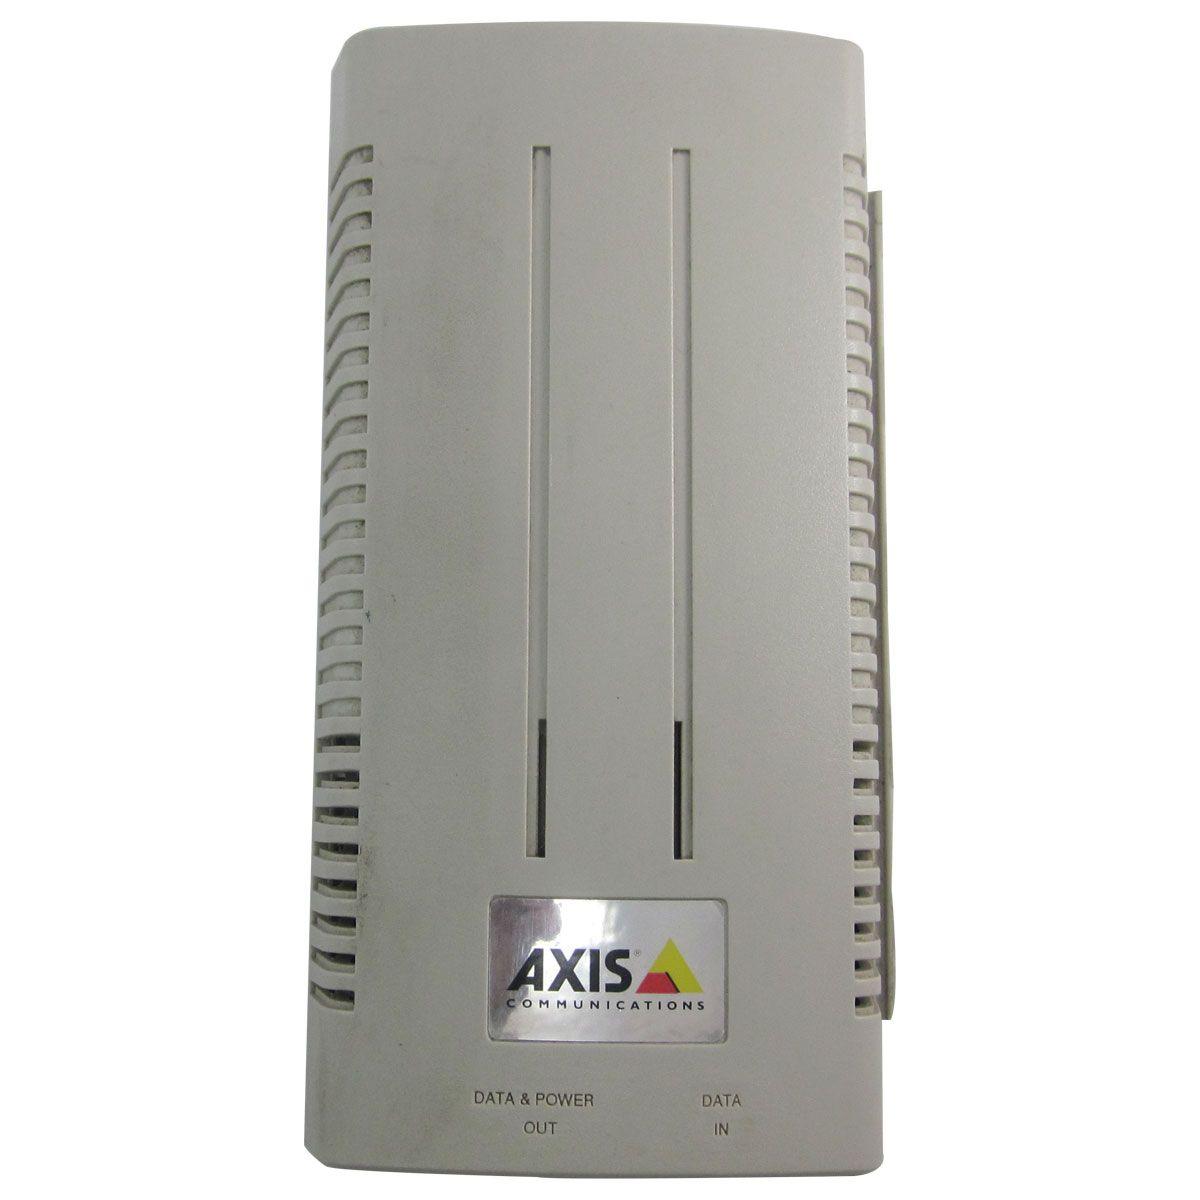 Midspan AXIS T8124 de 60 W 1 puerto